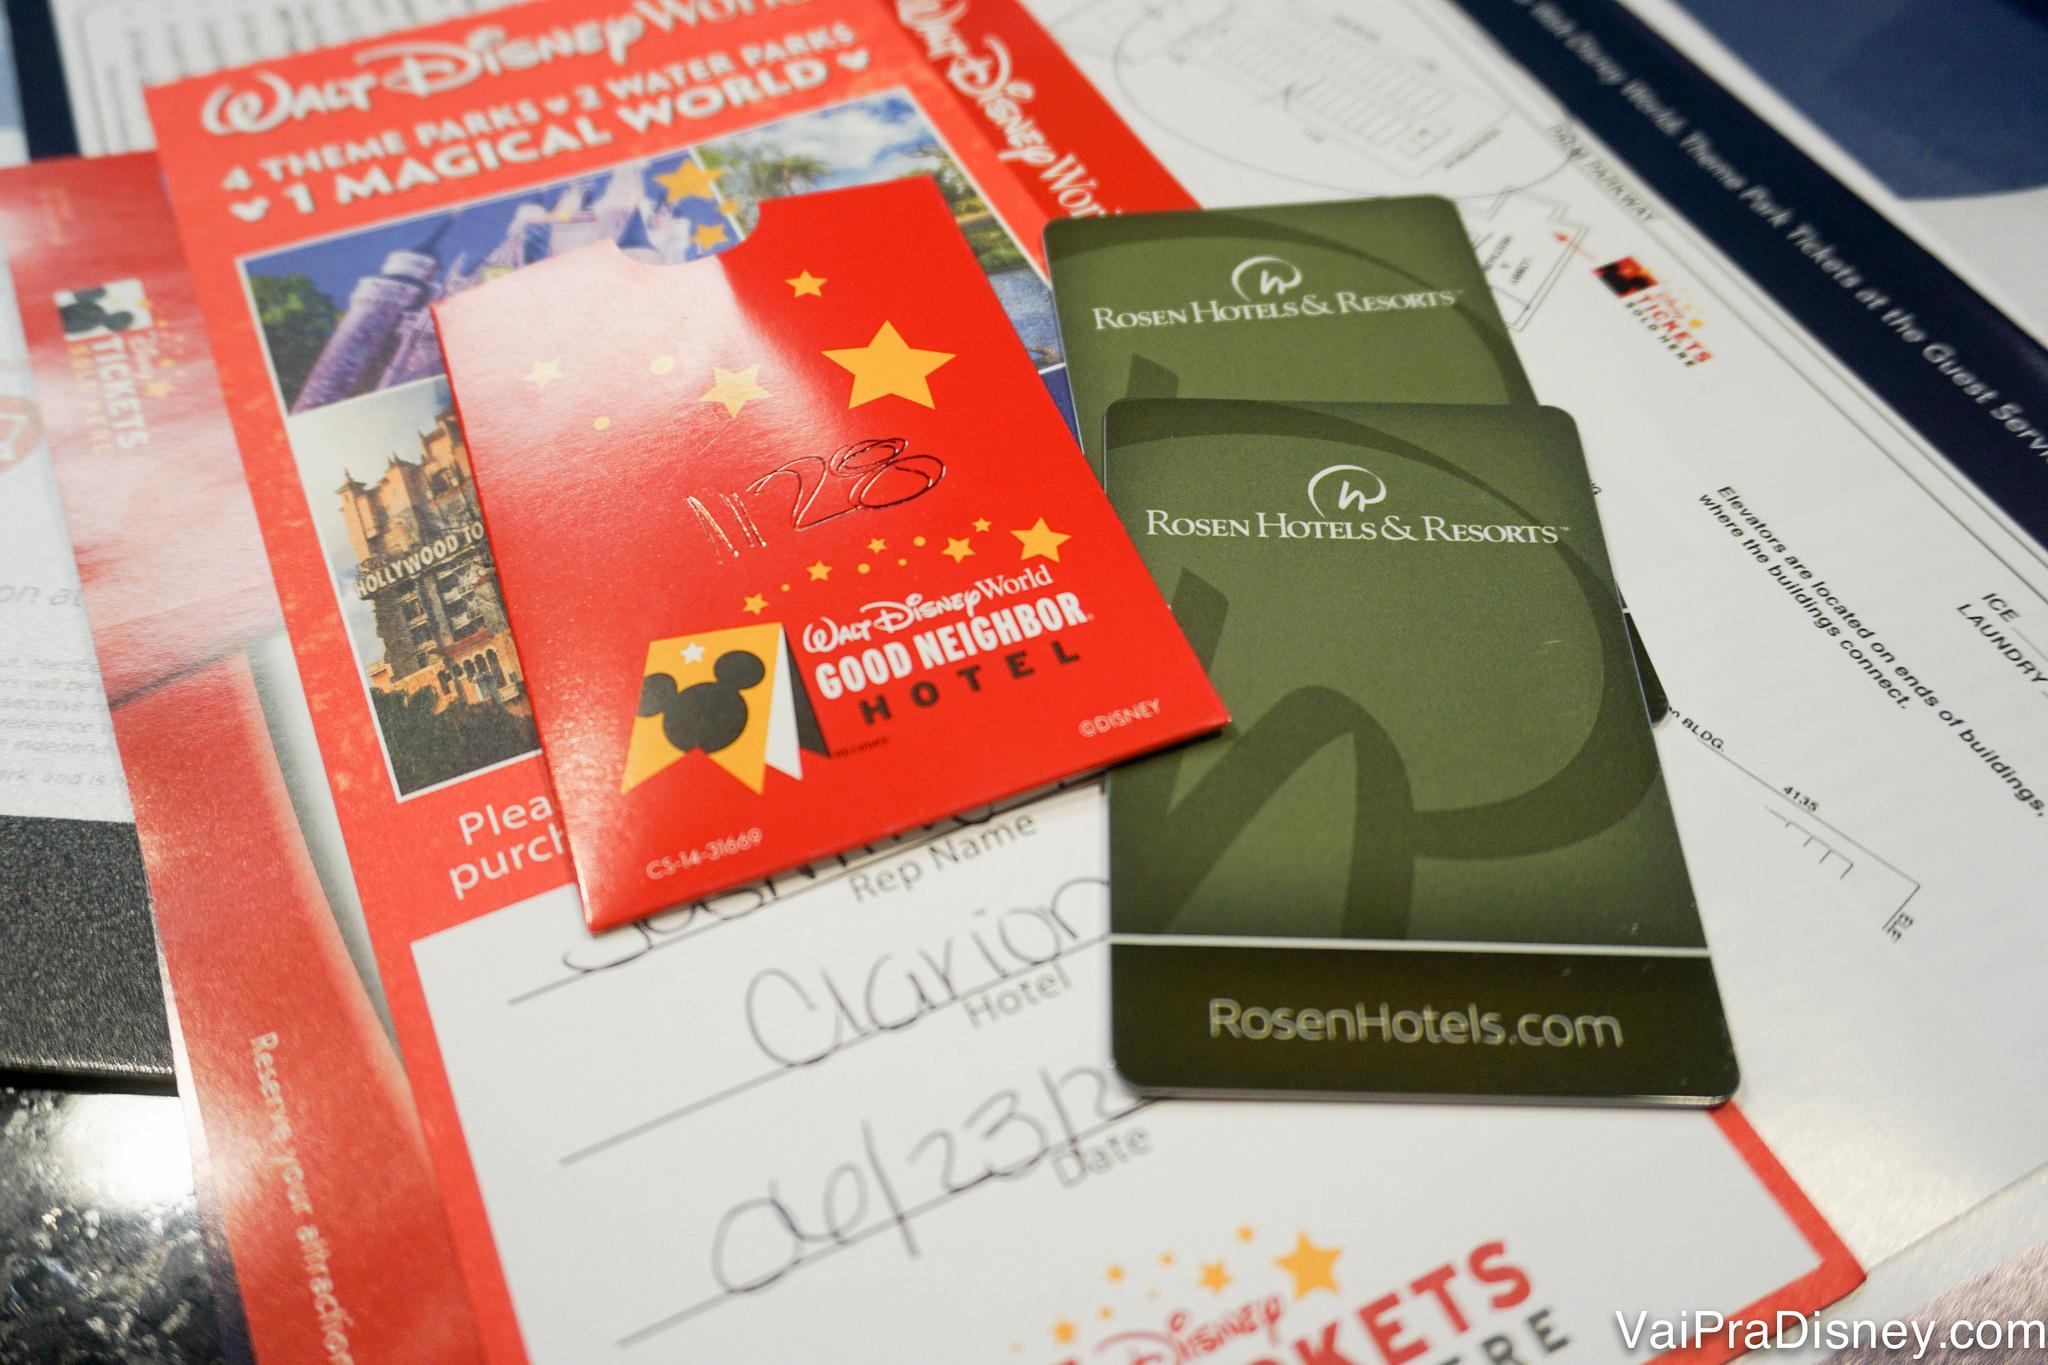 Cartões que servem como chave do quarto do Rosen Inn Lake Buena Vista, com selo de reconhecimento de hotel boa vizinhança da Disney.